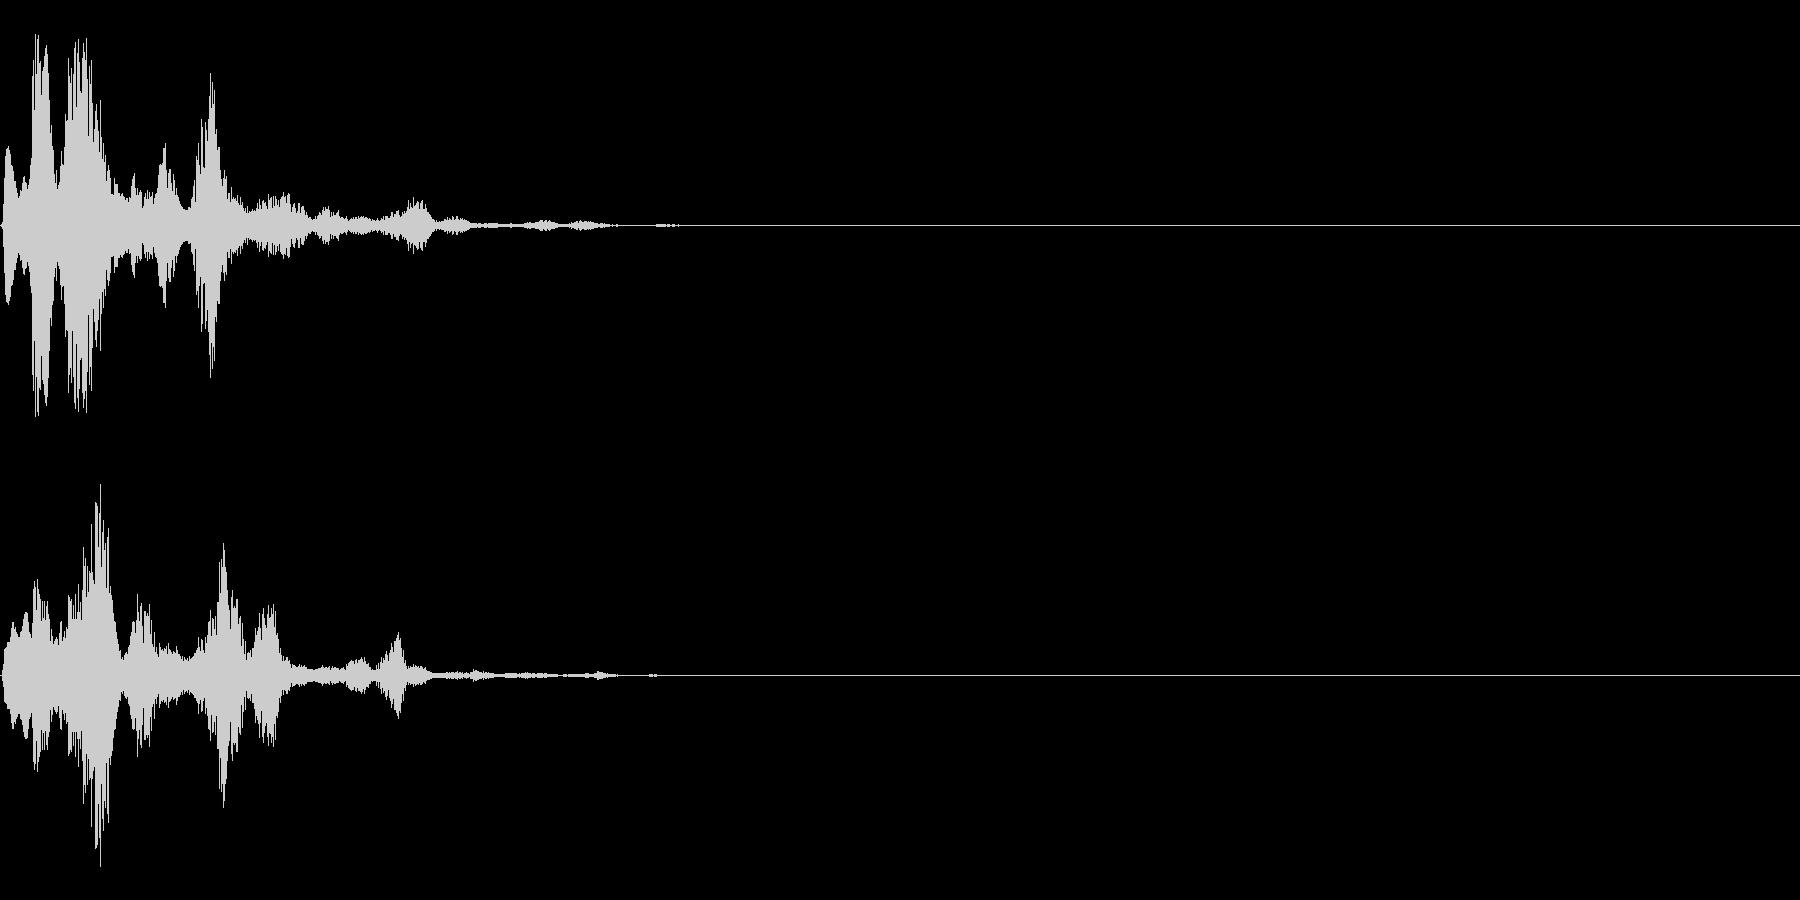 システム音(決定、スタート)の未再生の波形